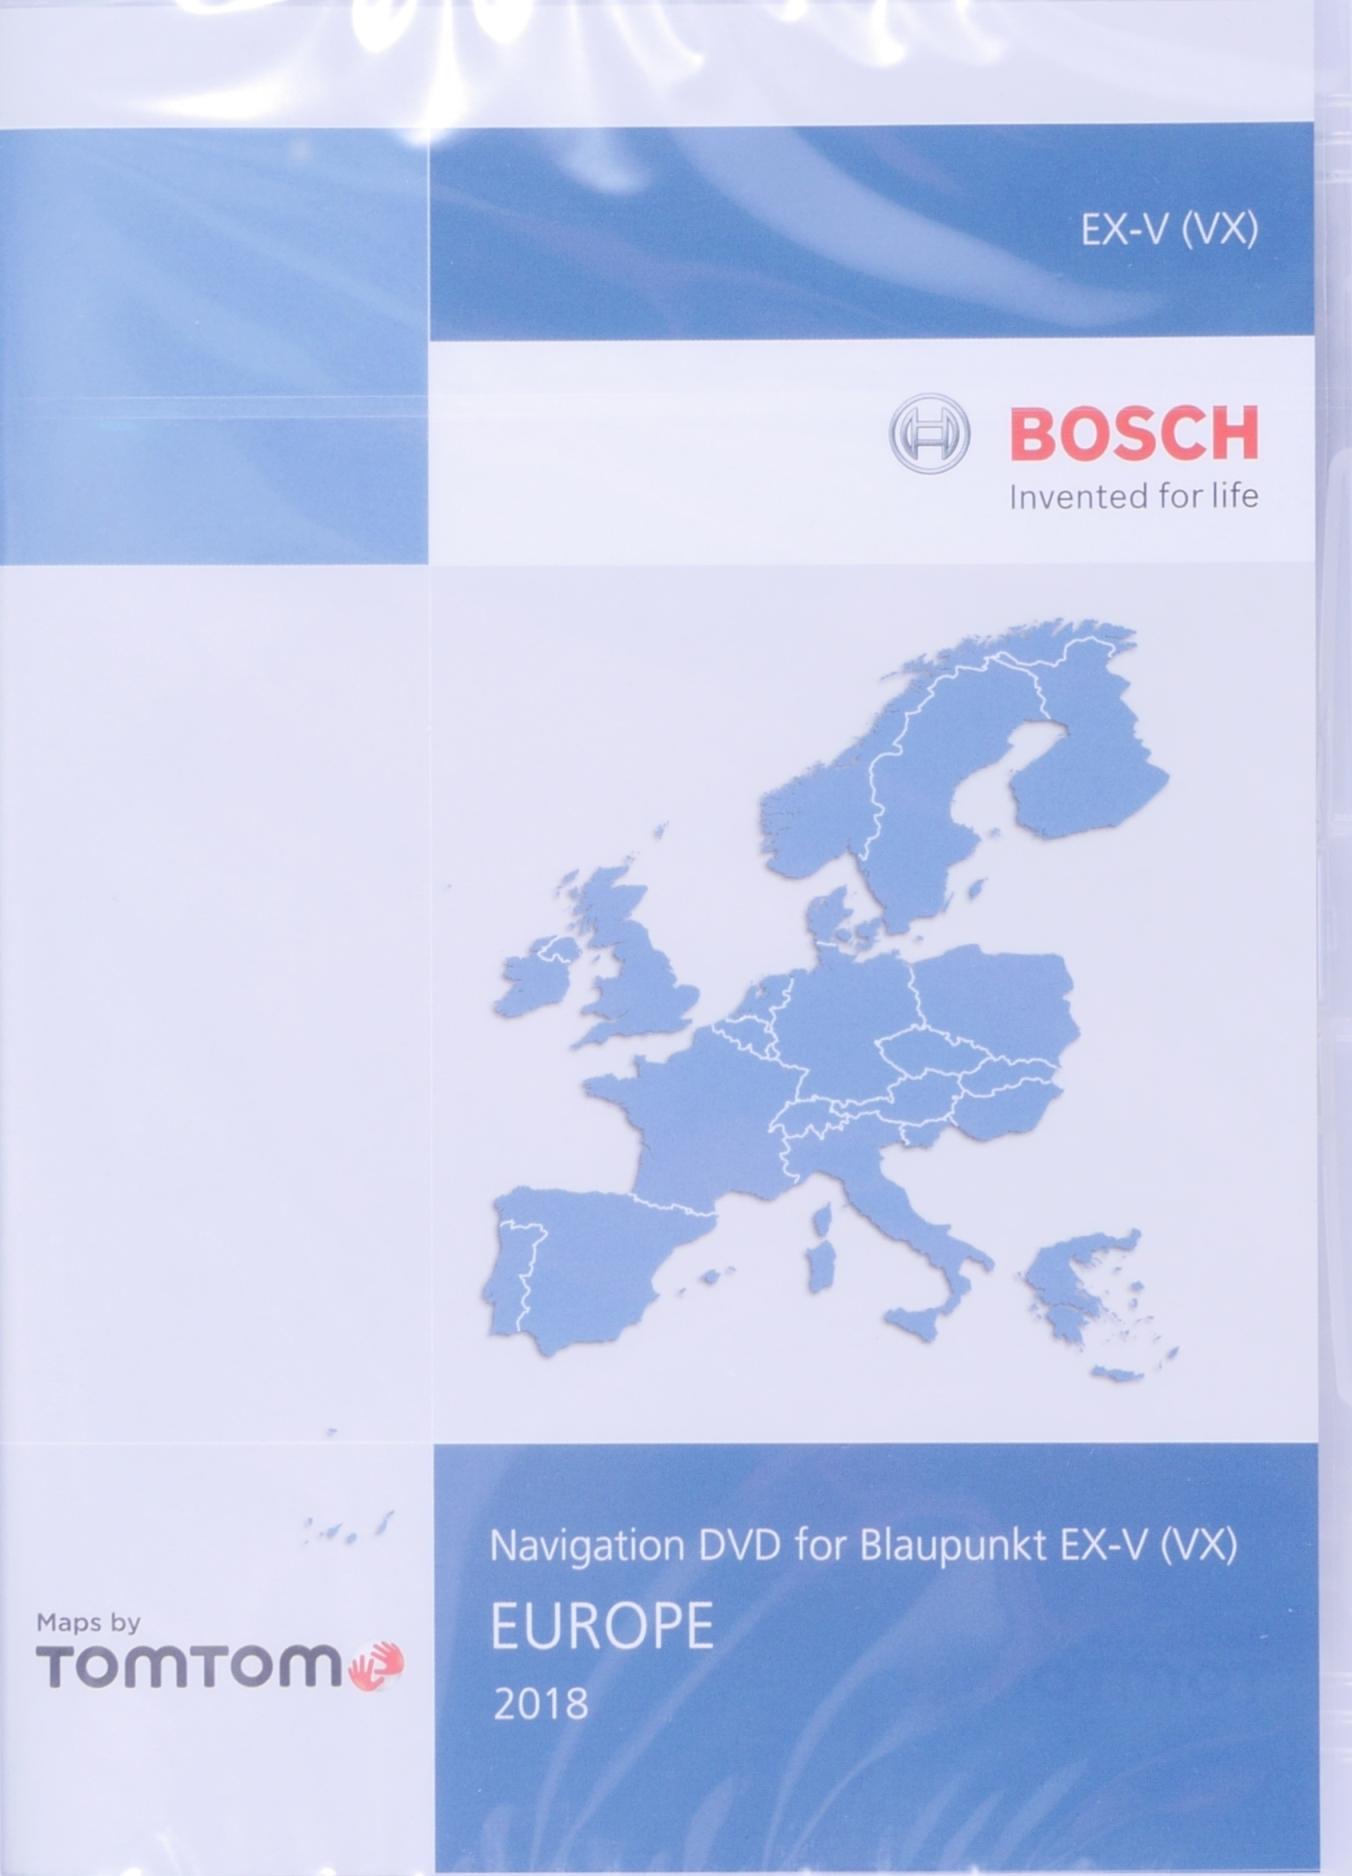 tele atlas tomtom blaupunkt europe dvd    vx navigationssoftware fuer vw bei amcom zum